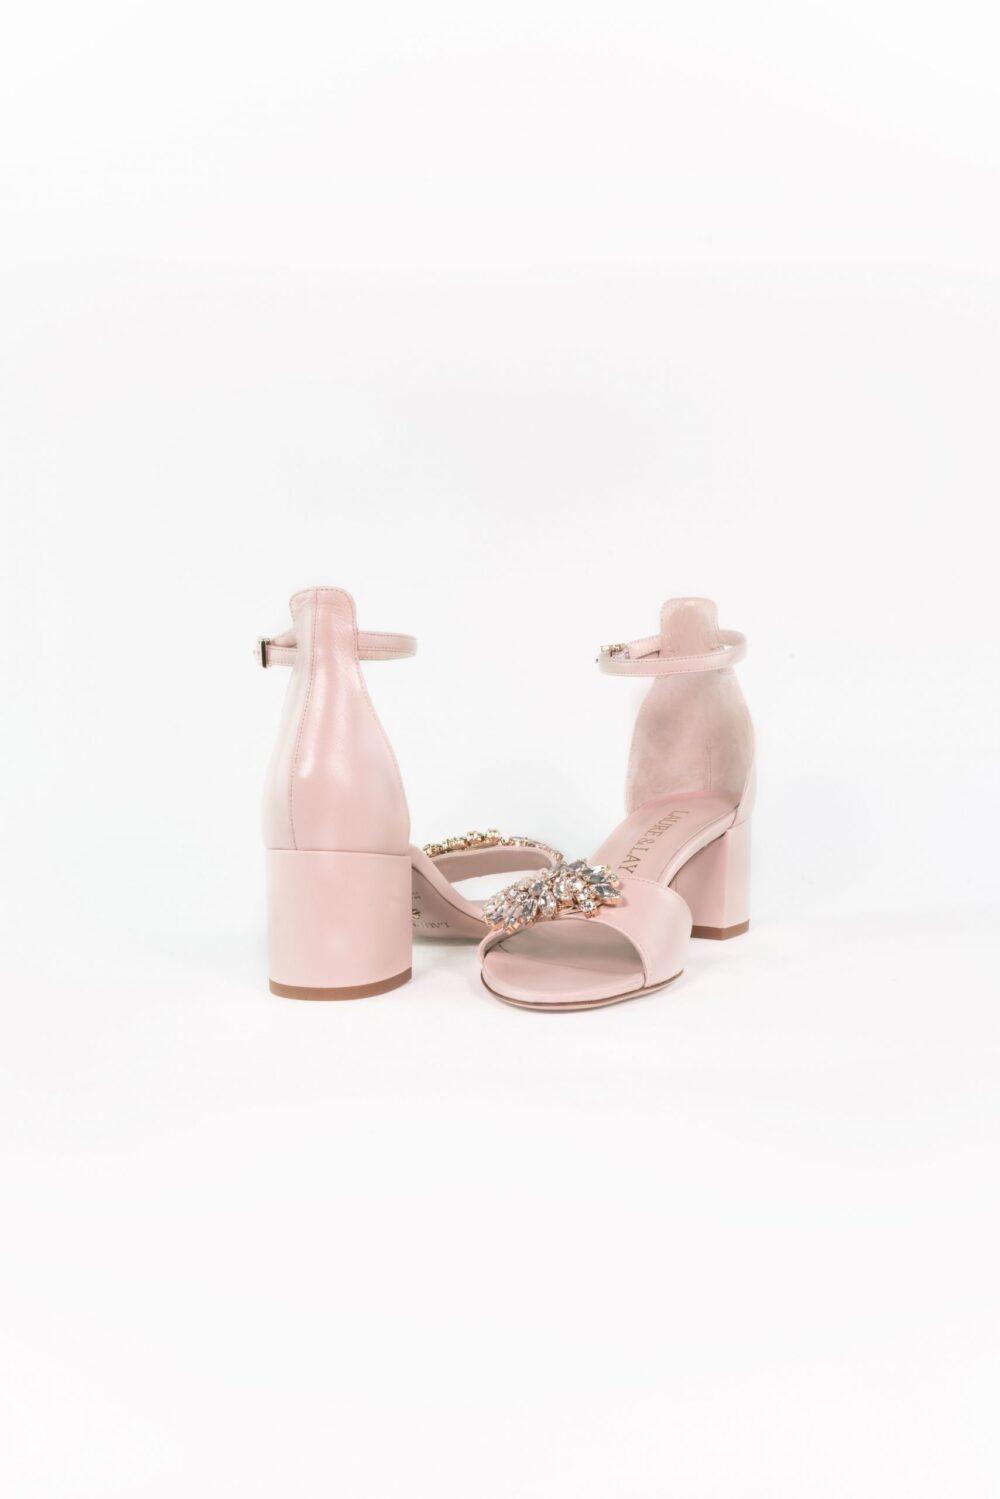 designer hochzeitsschuh nude rose blockabsatz elena